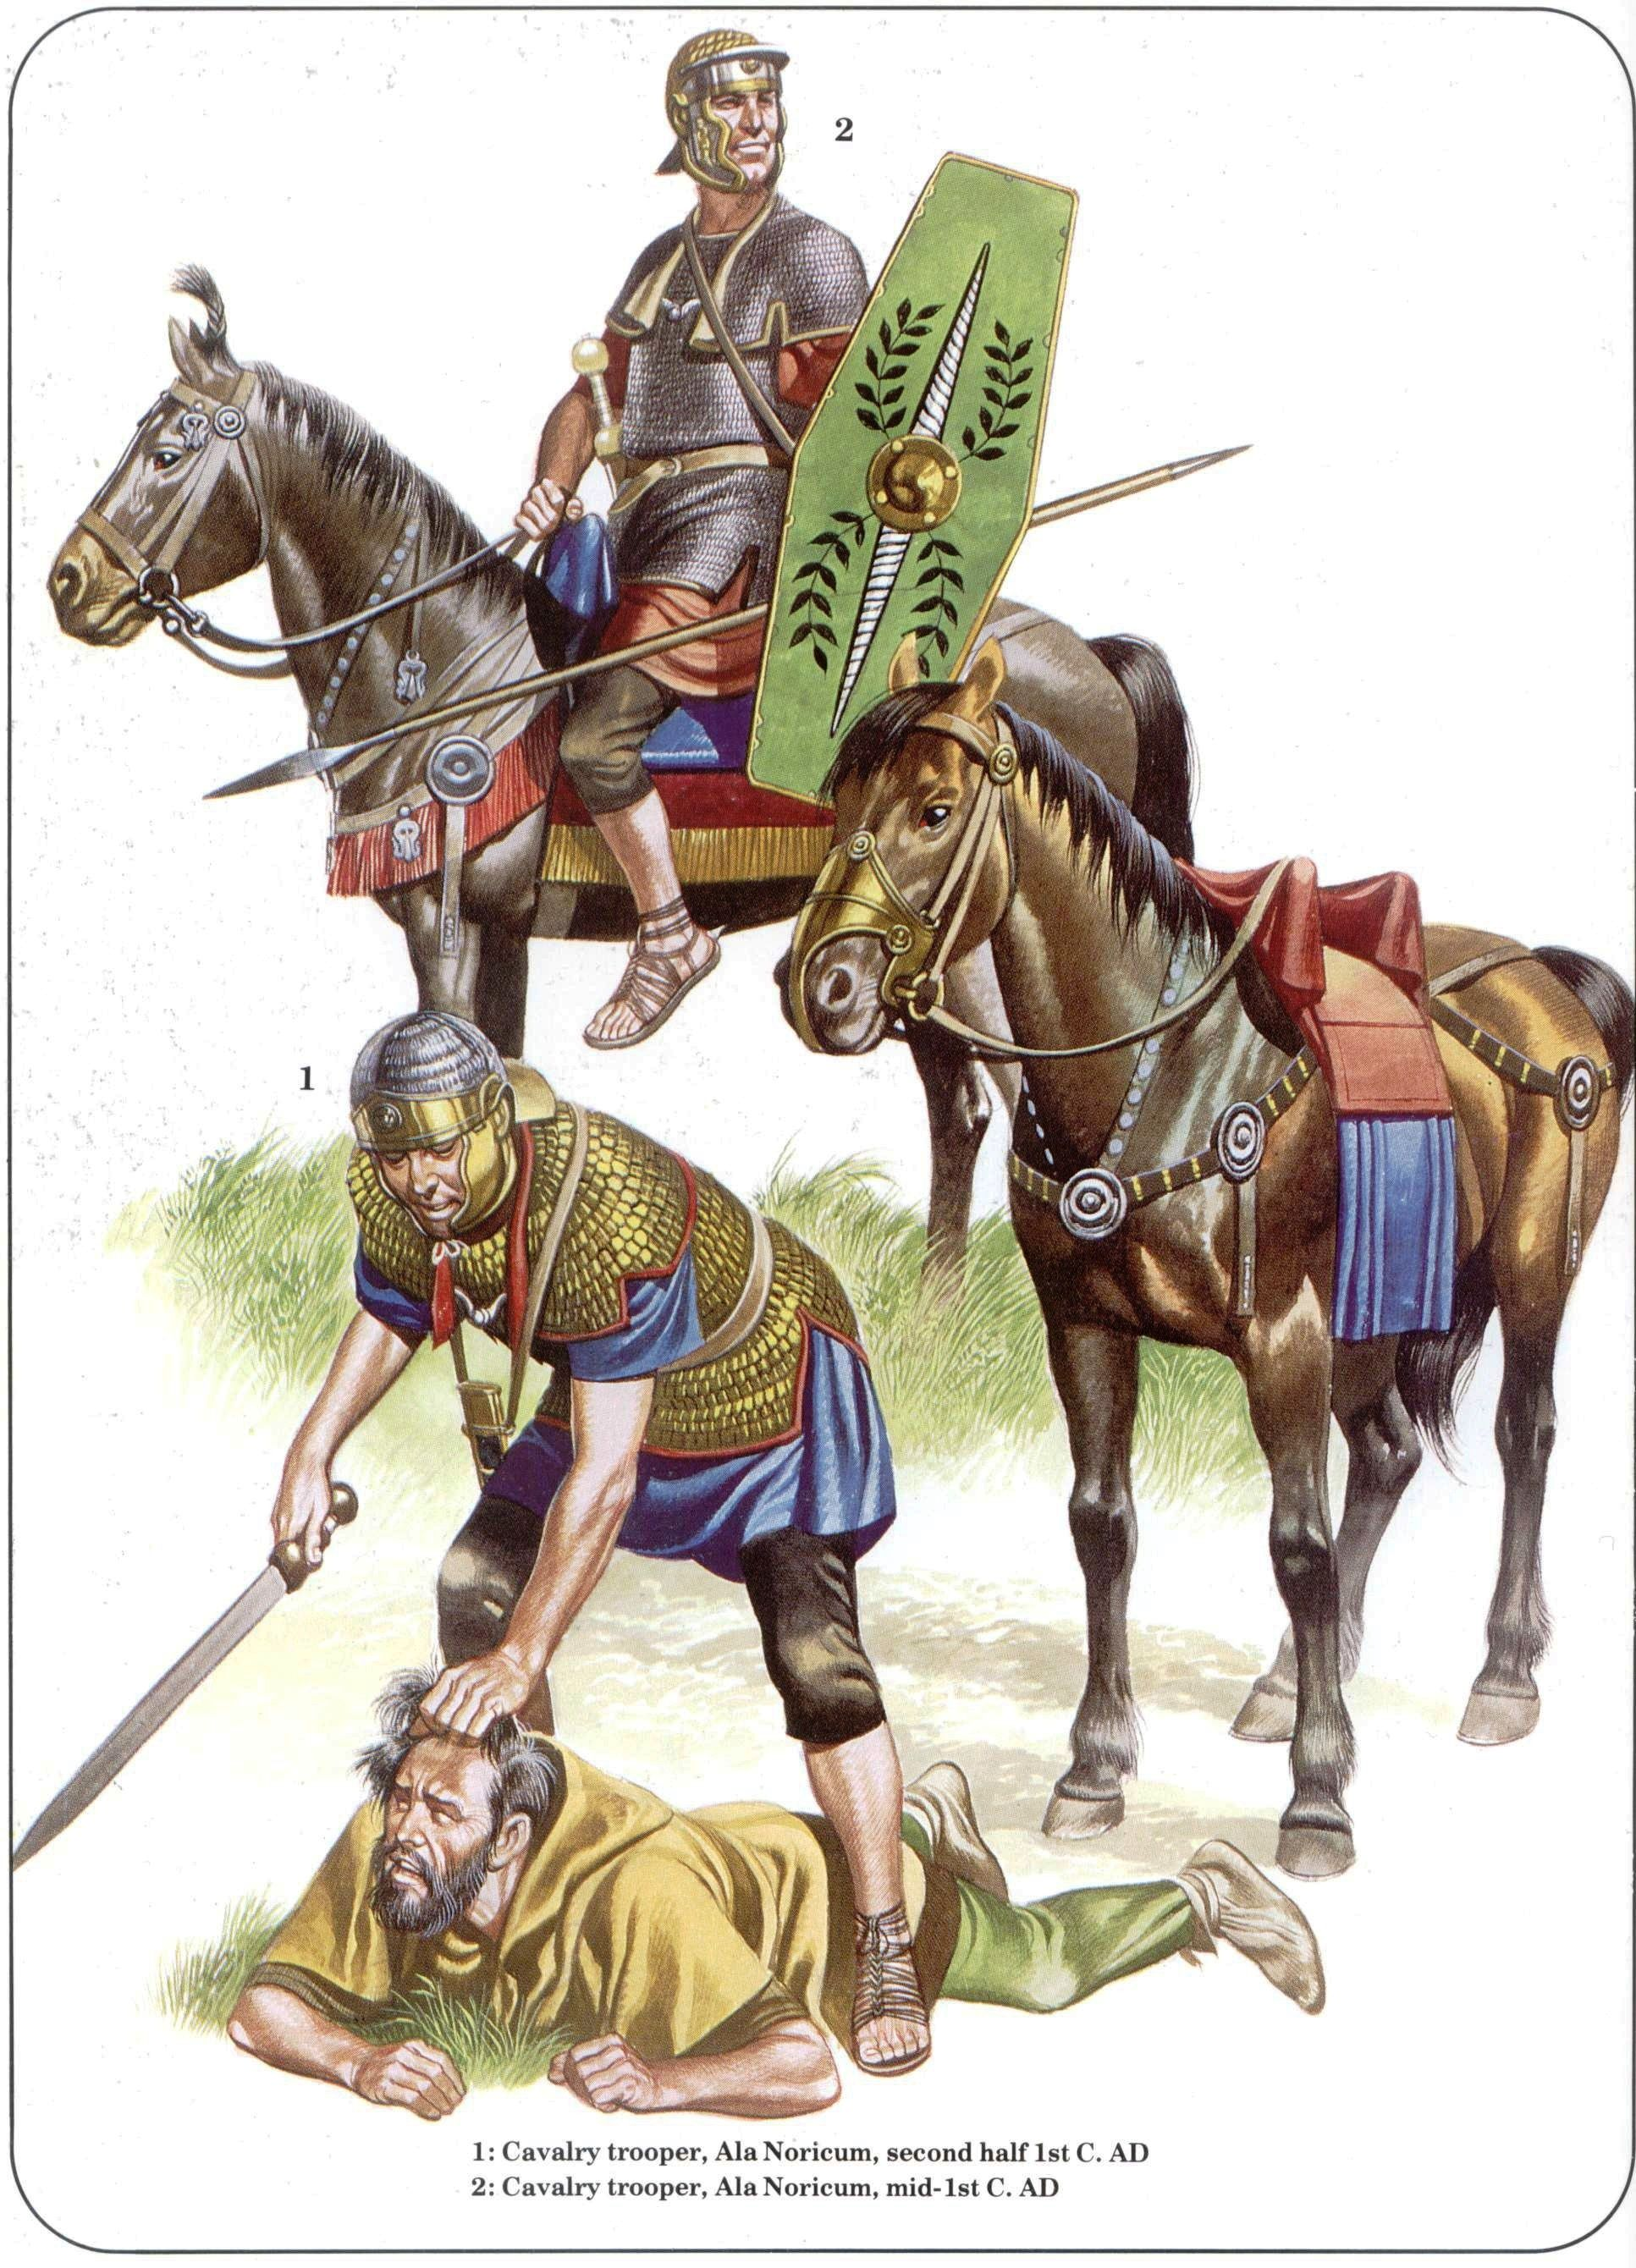 римский всадник картинка почему популярного многодетного